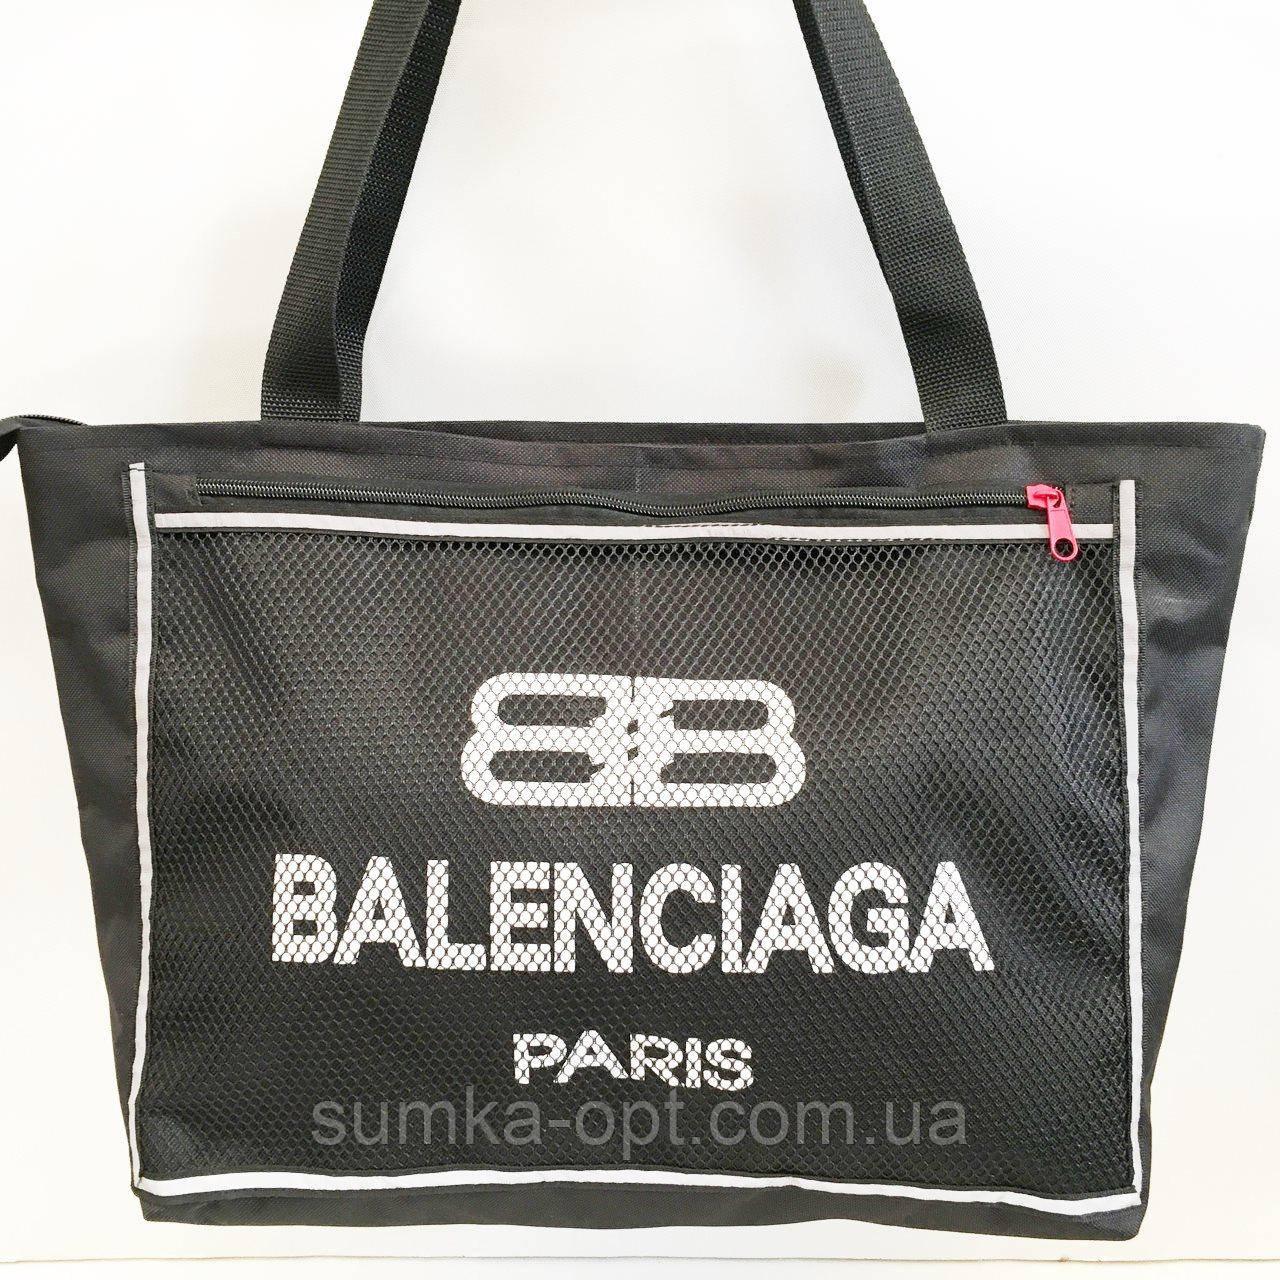 Универсальные сумки оптом для покупокBalenciaga (черный)28*48см